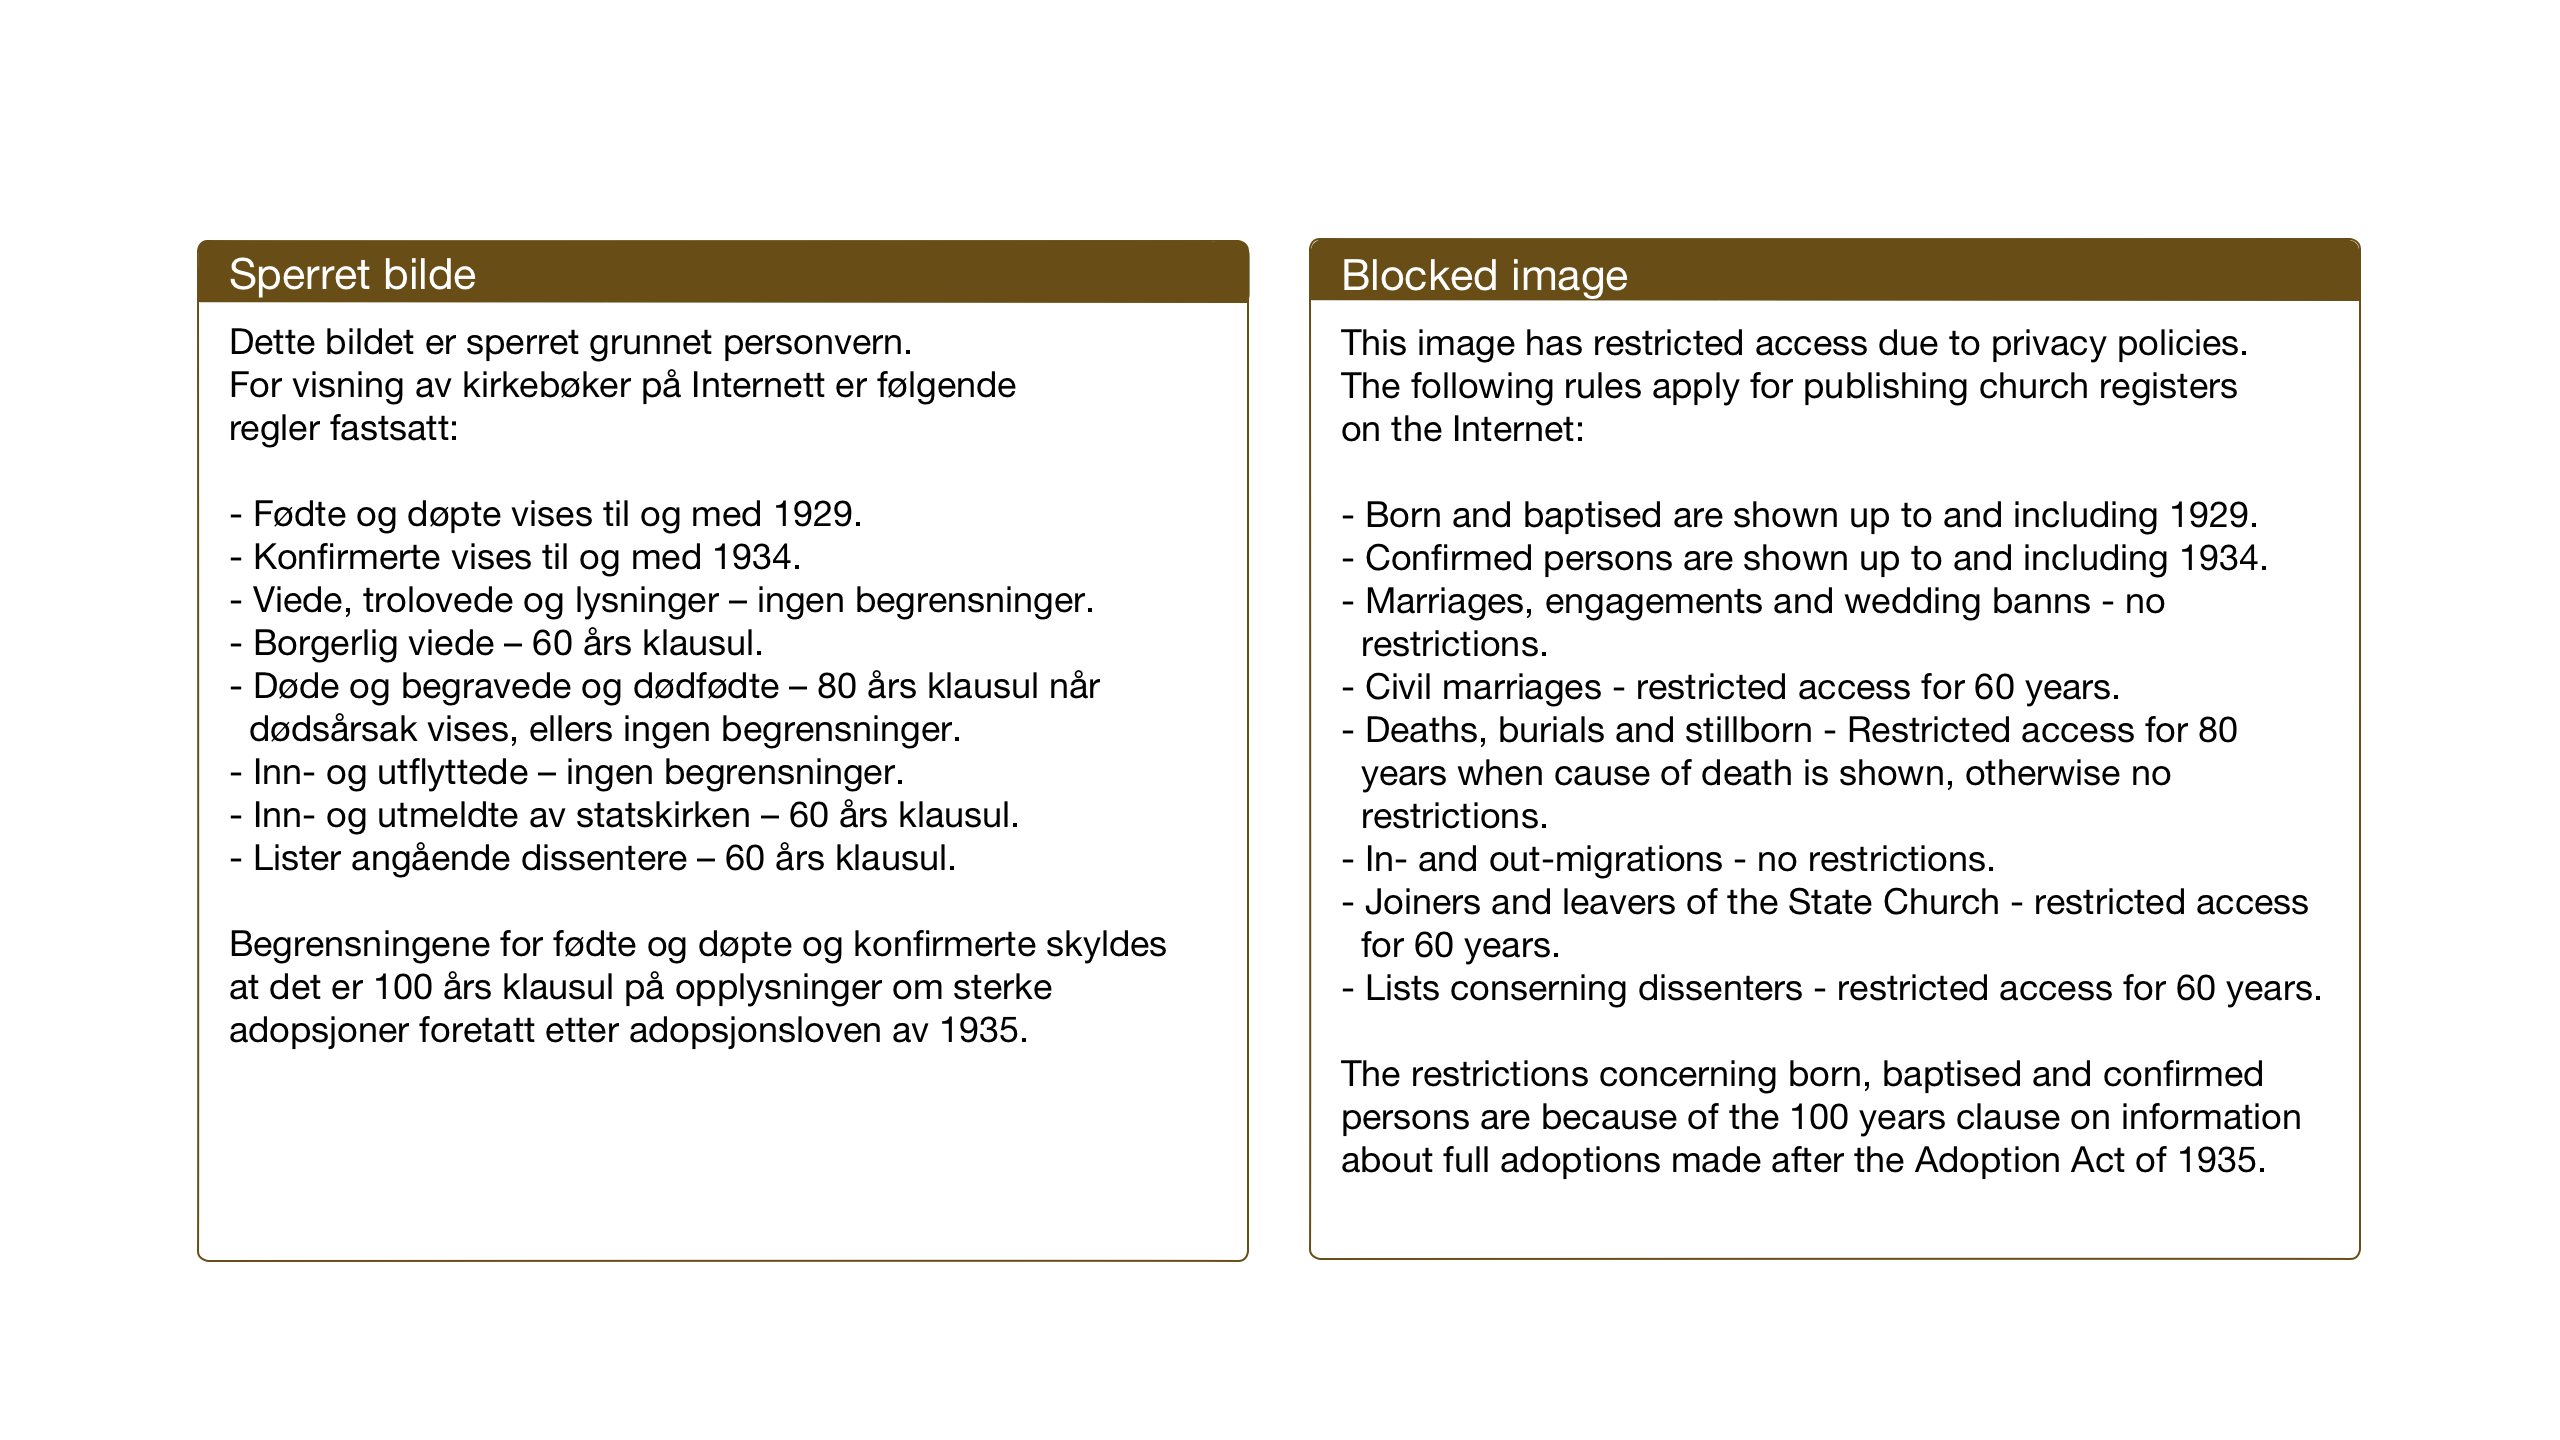 SAT, Ministerialprotokoller, klokkerbøker og fødselsregistre - Nord-Trøndelag, 774/L0630: Klokkerbok nr. 774C01, 1910-1934, s. 72